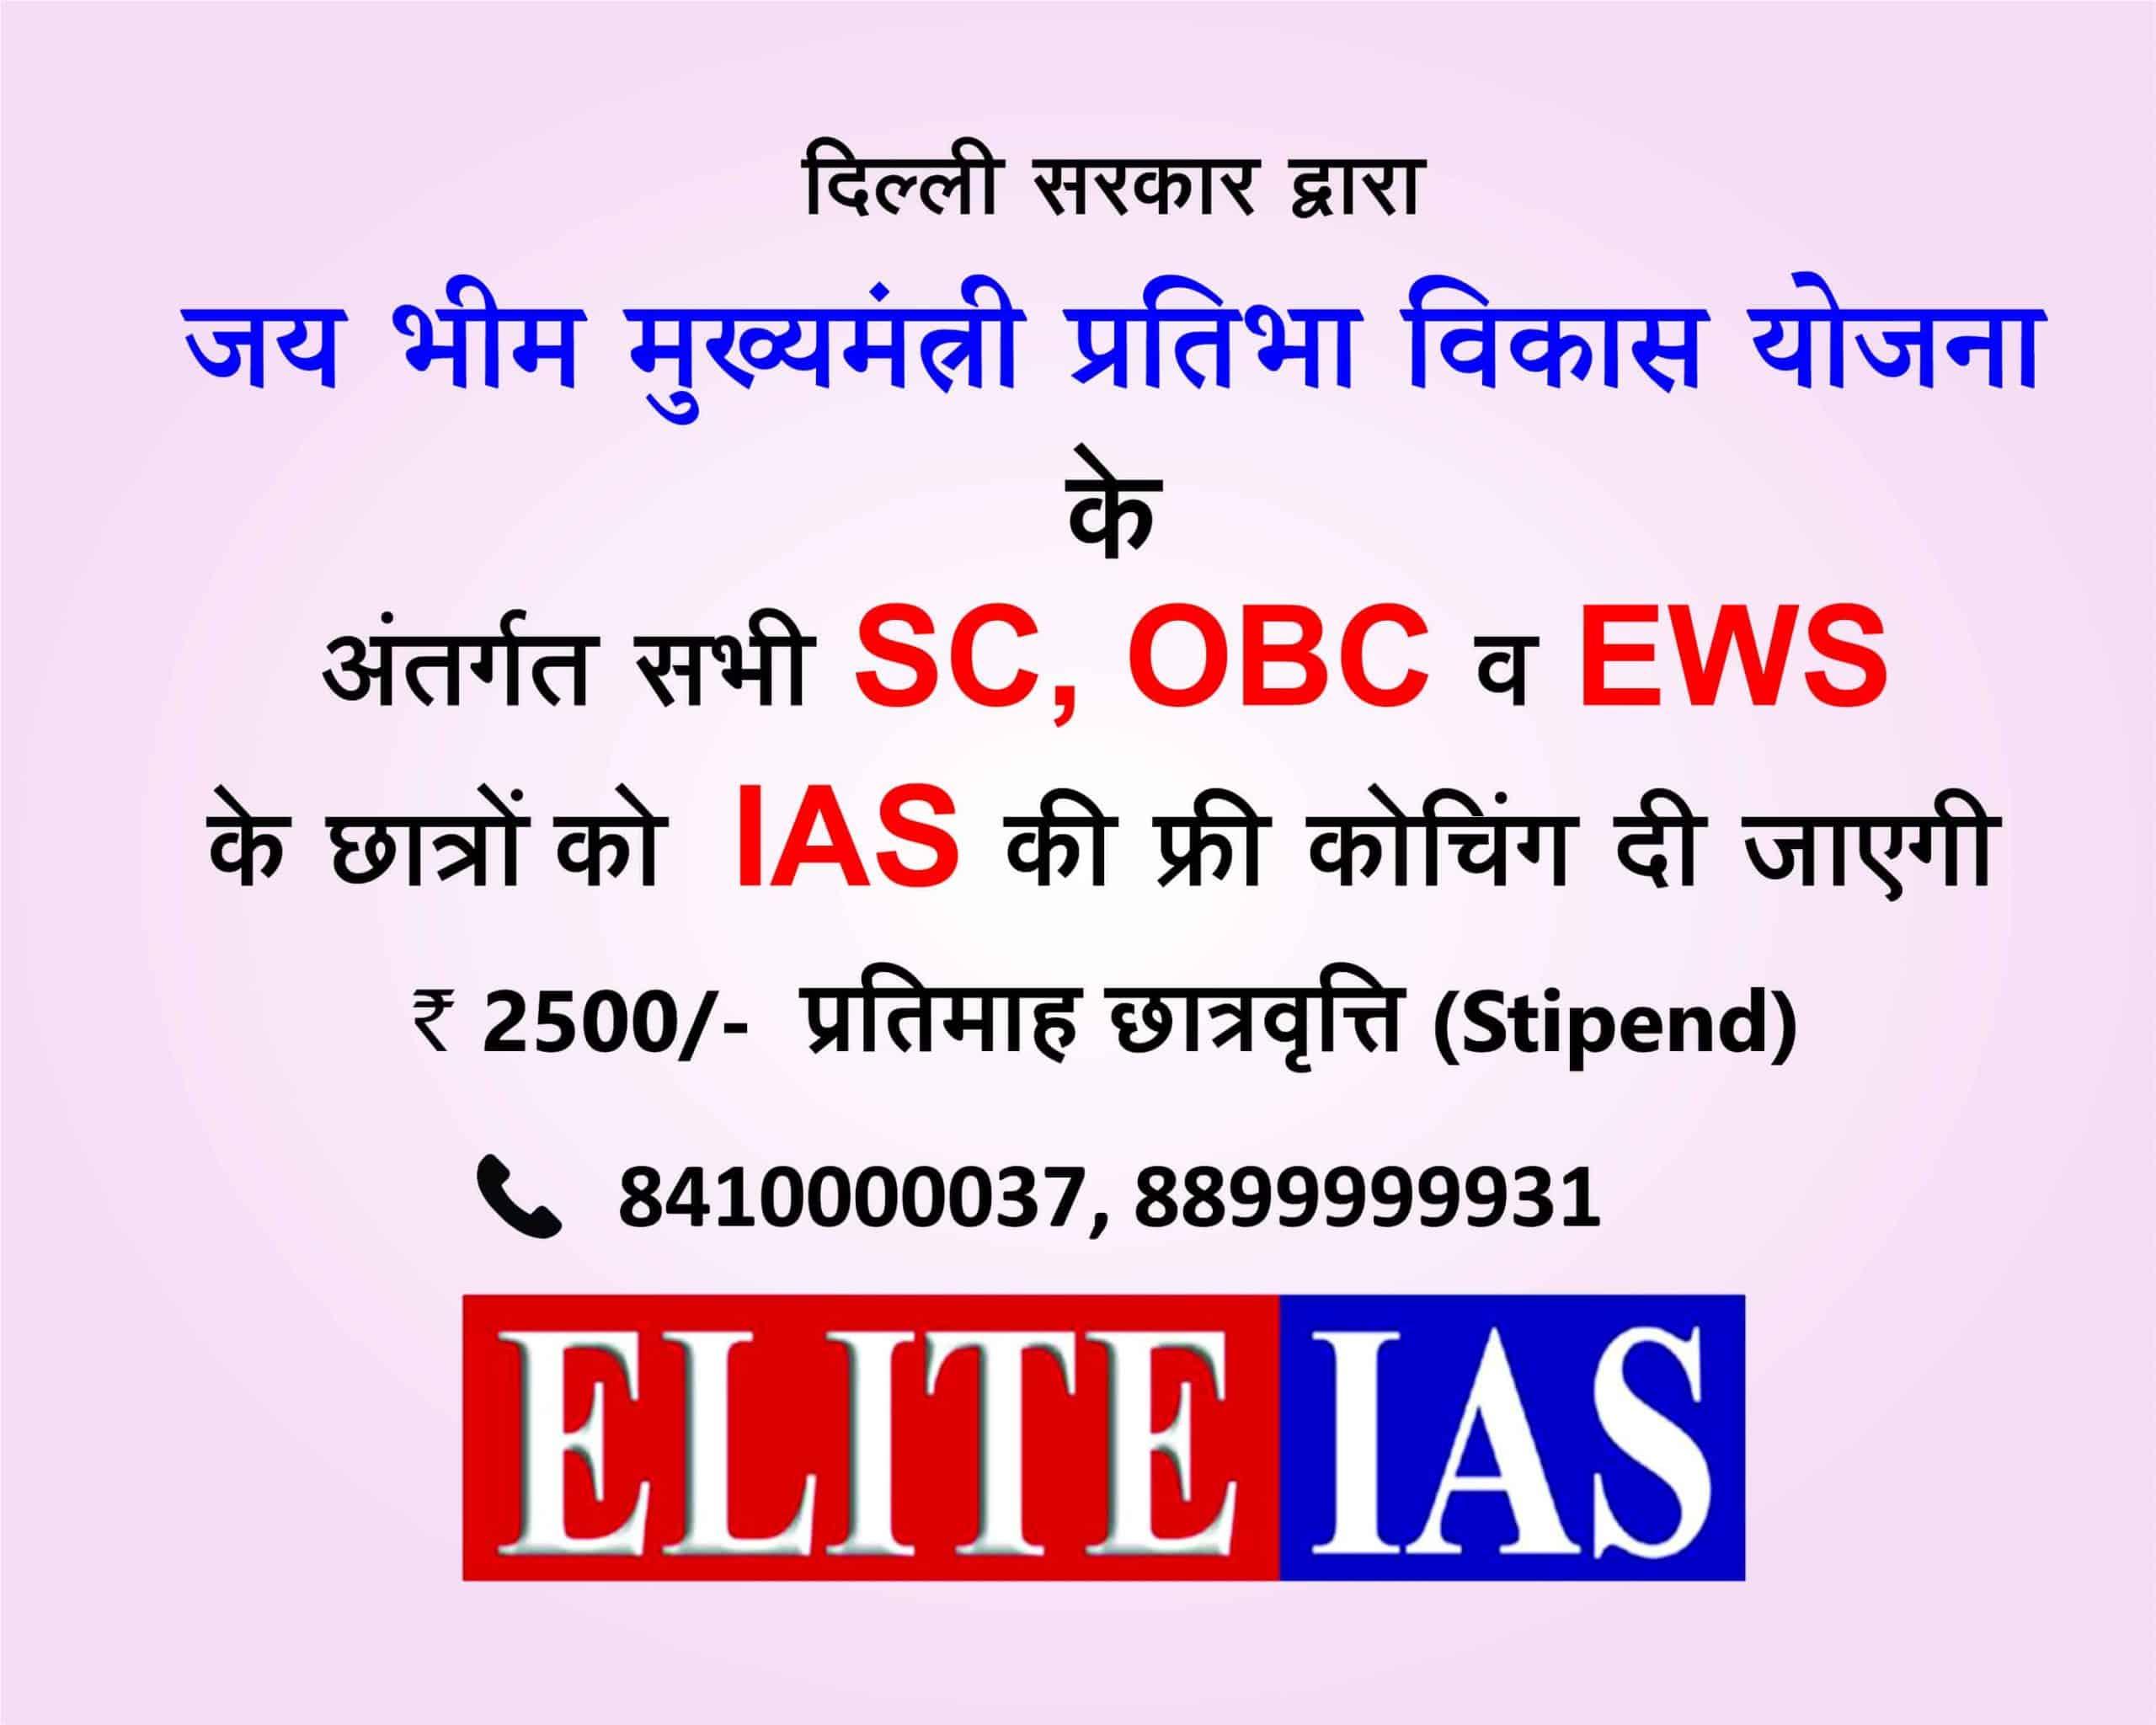 Elite IAS - Jai Bhim- Best IAS Coaching in Delhi